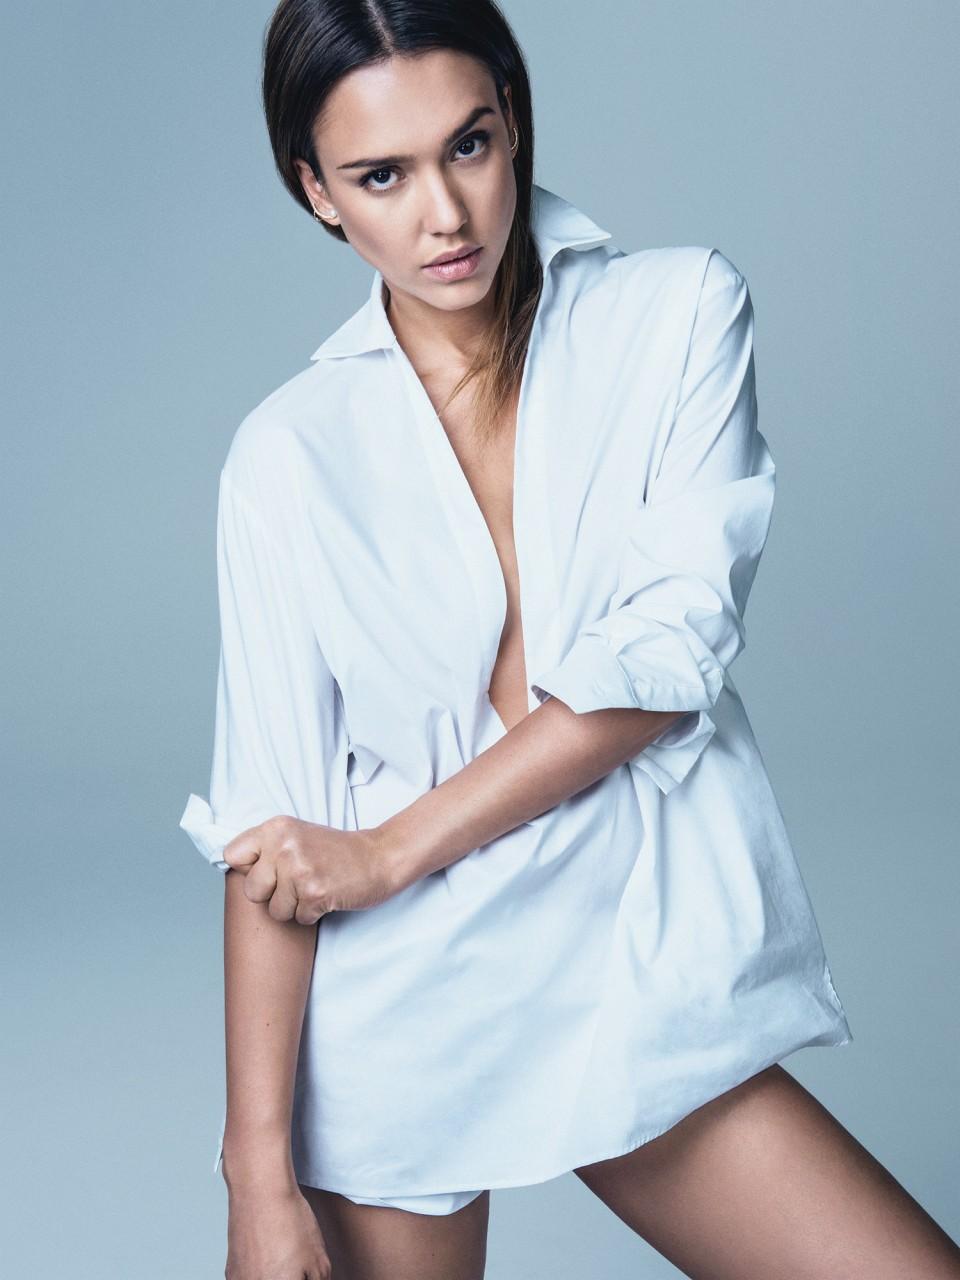 Джессика Альба  в фотосессии Себастьяна Кима  для журнала Glamour (июнь 2014)